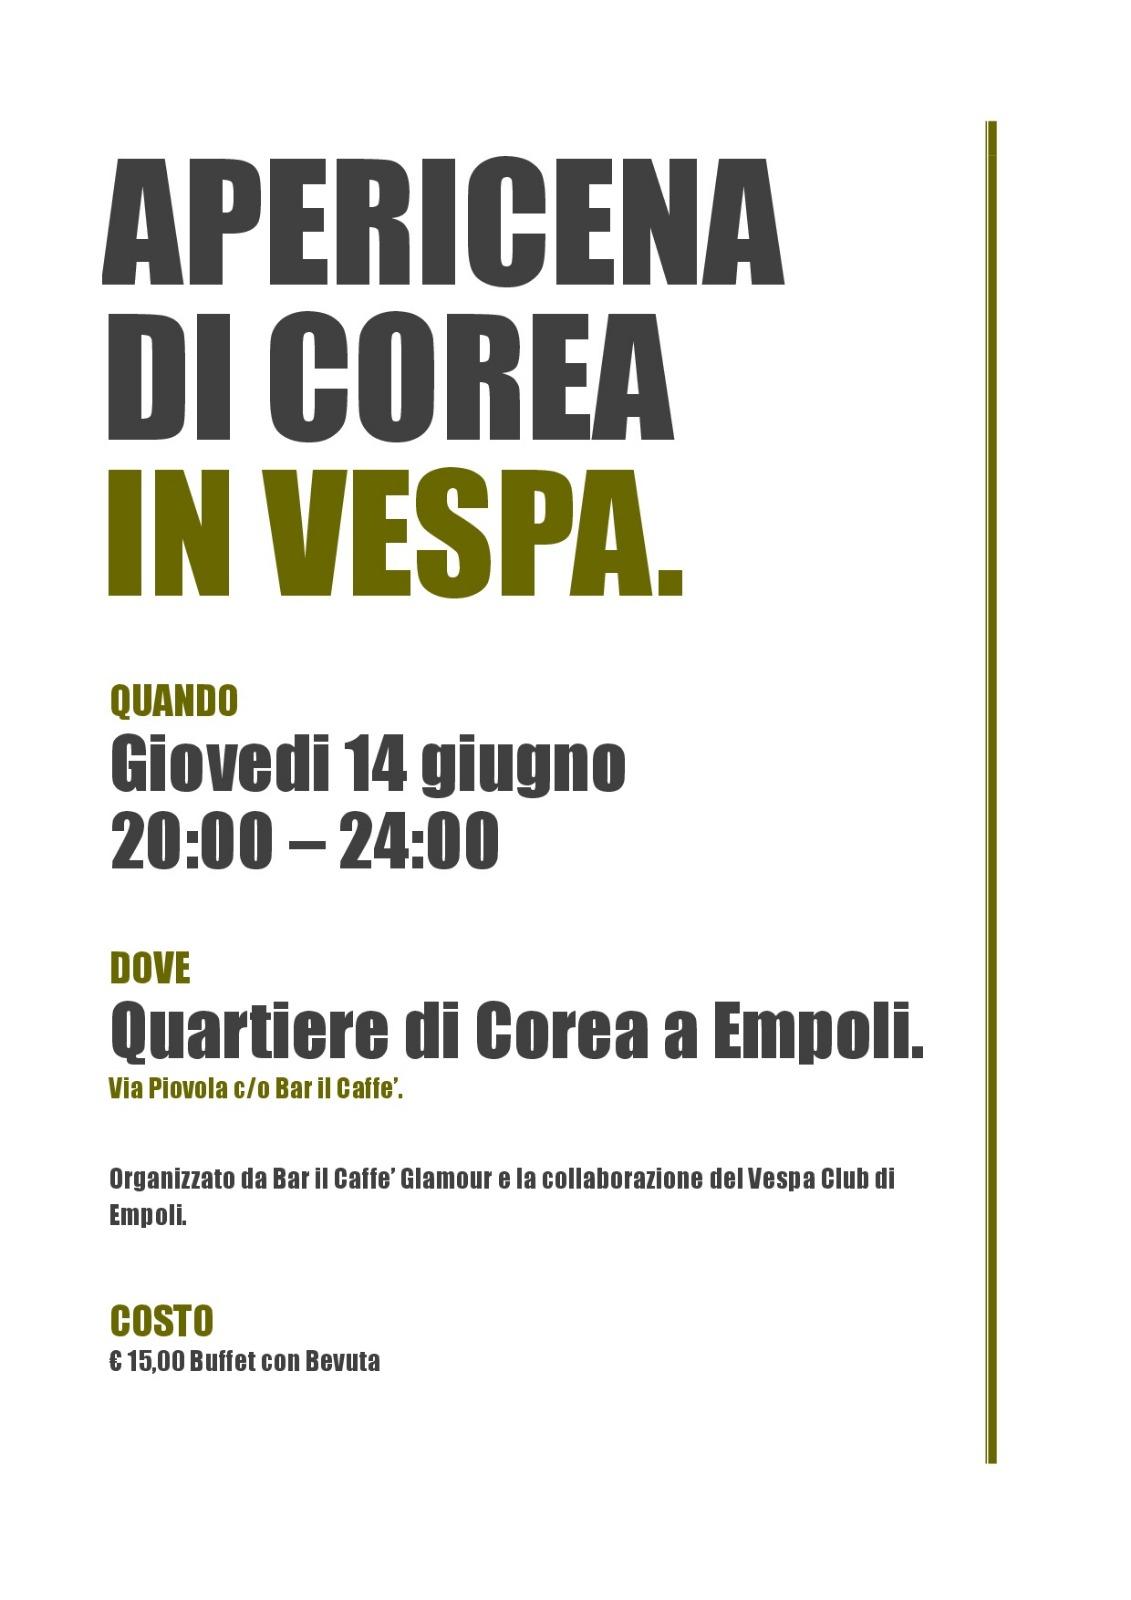 Calendario Vespa 2020.Apericena Di Corea In Vespa Vespa Club Empoli